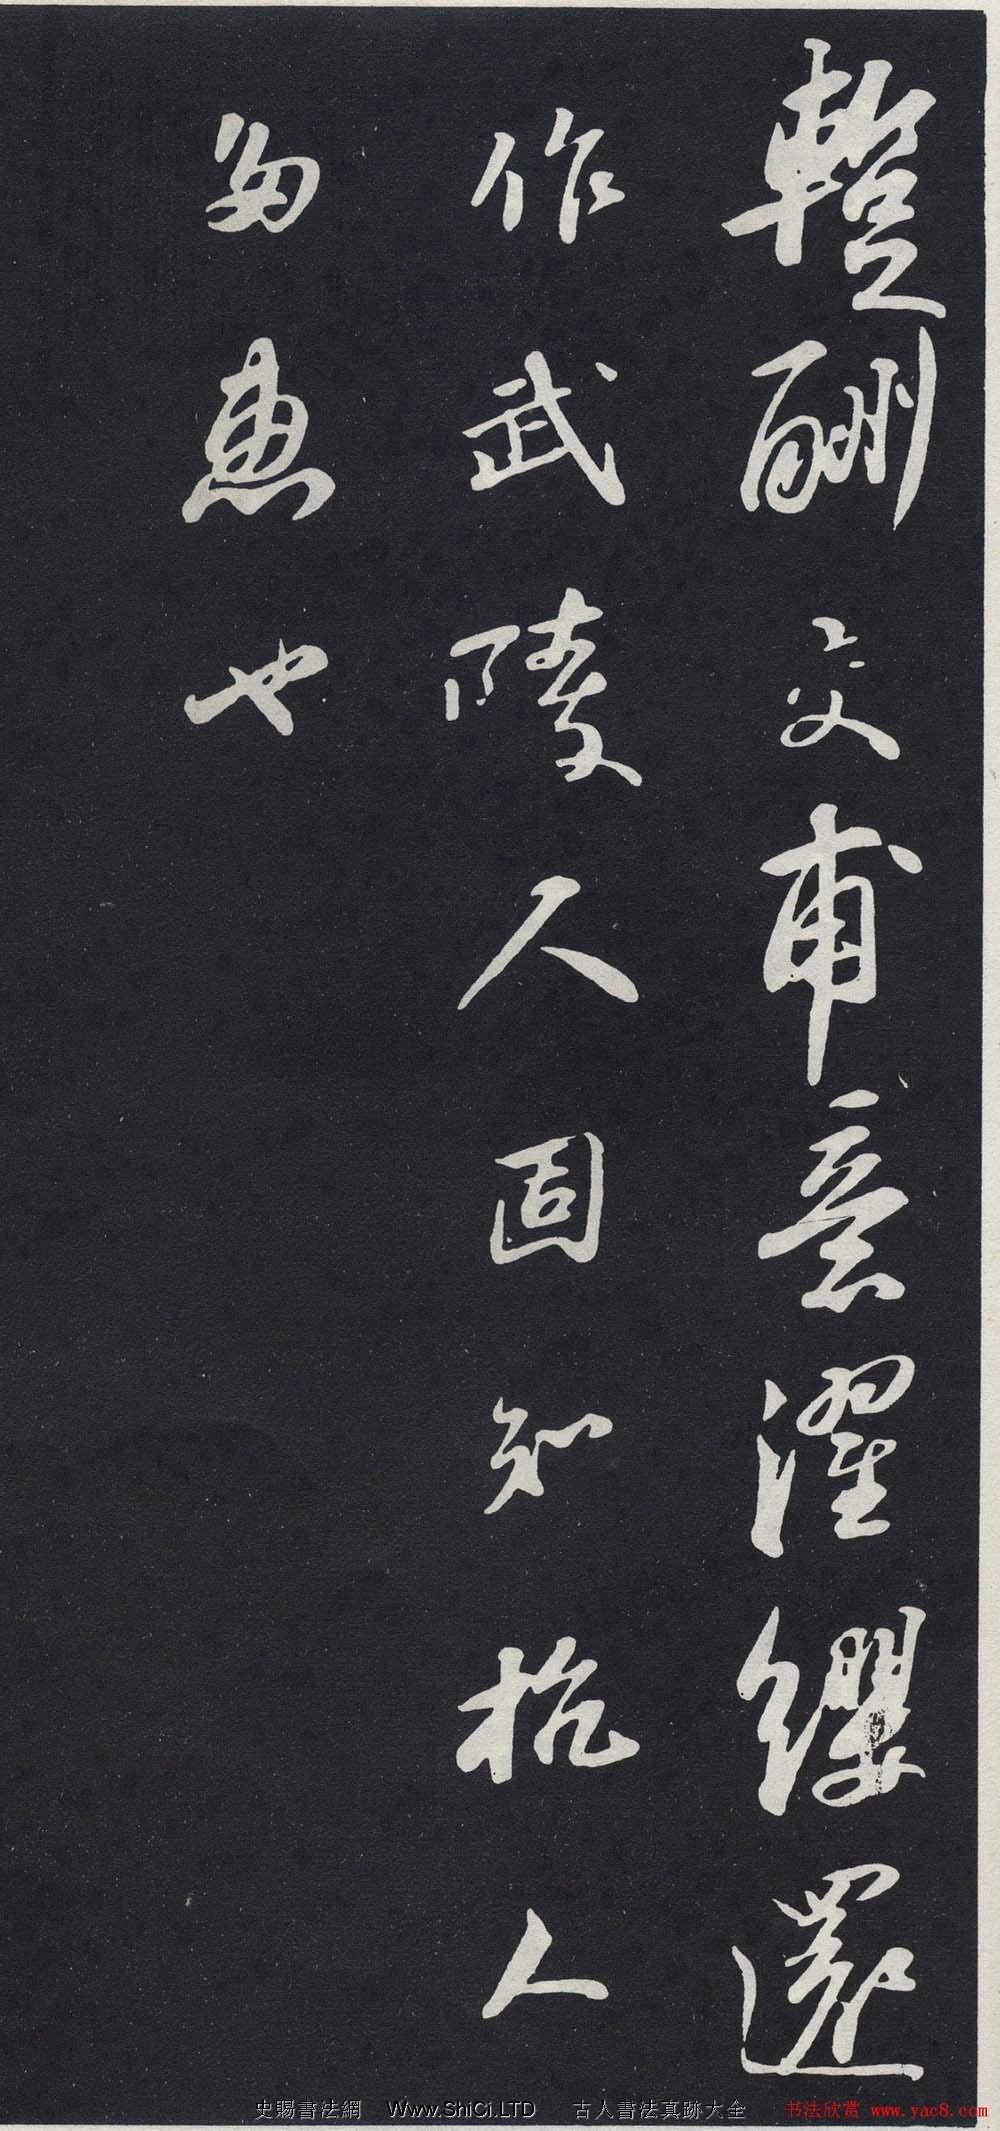 蘇軾行書作品《聽賢師琴》